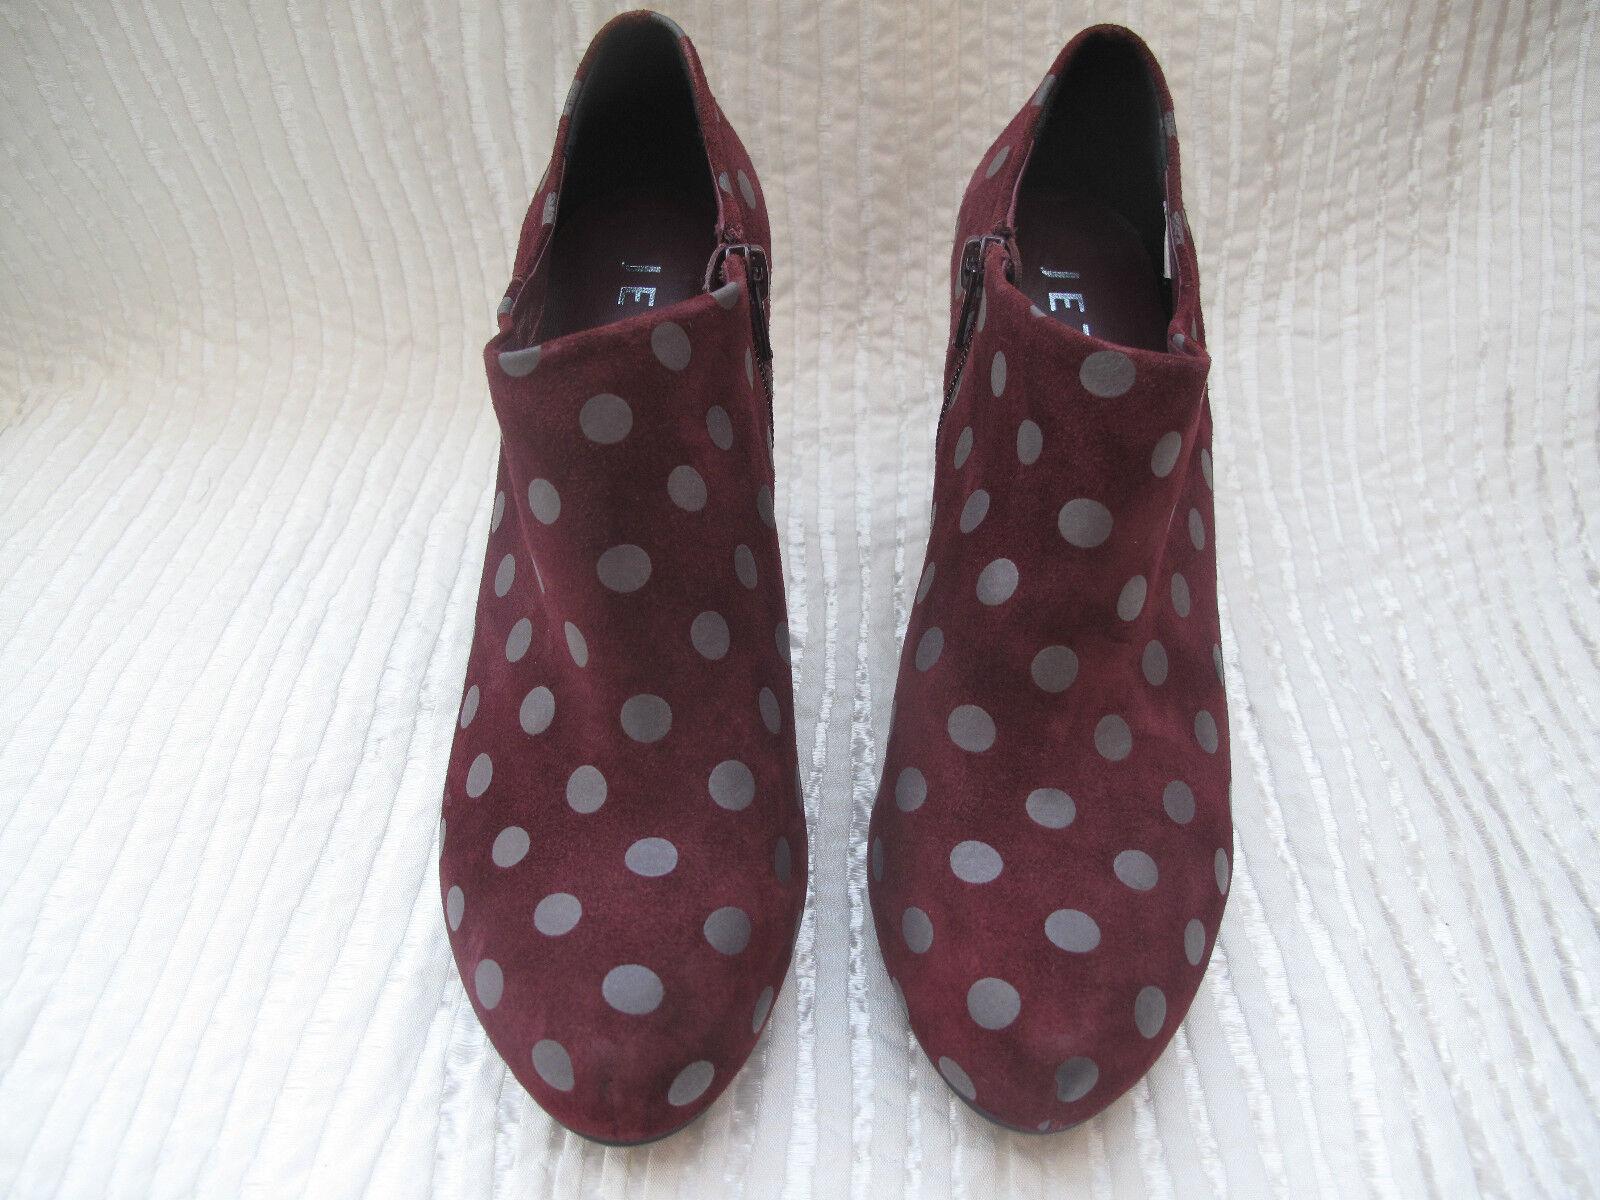 Jette Joop Damen Stiefel Stiefel Damen Ankle Stiefel Echt Leder lila Gr 38 Neu 5c2fb9